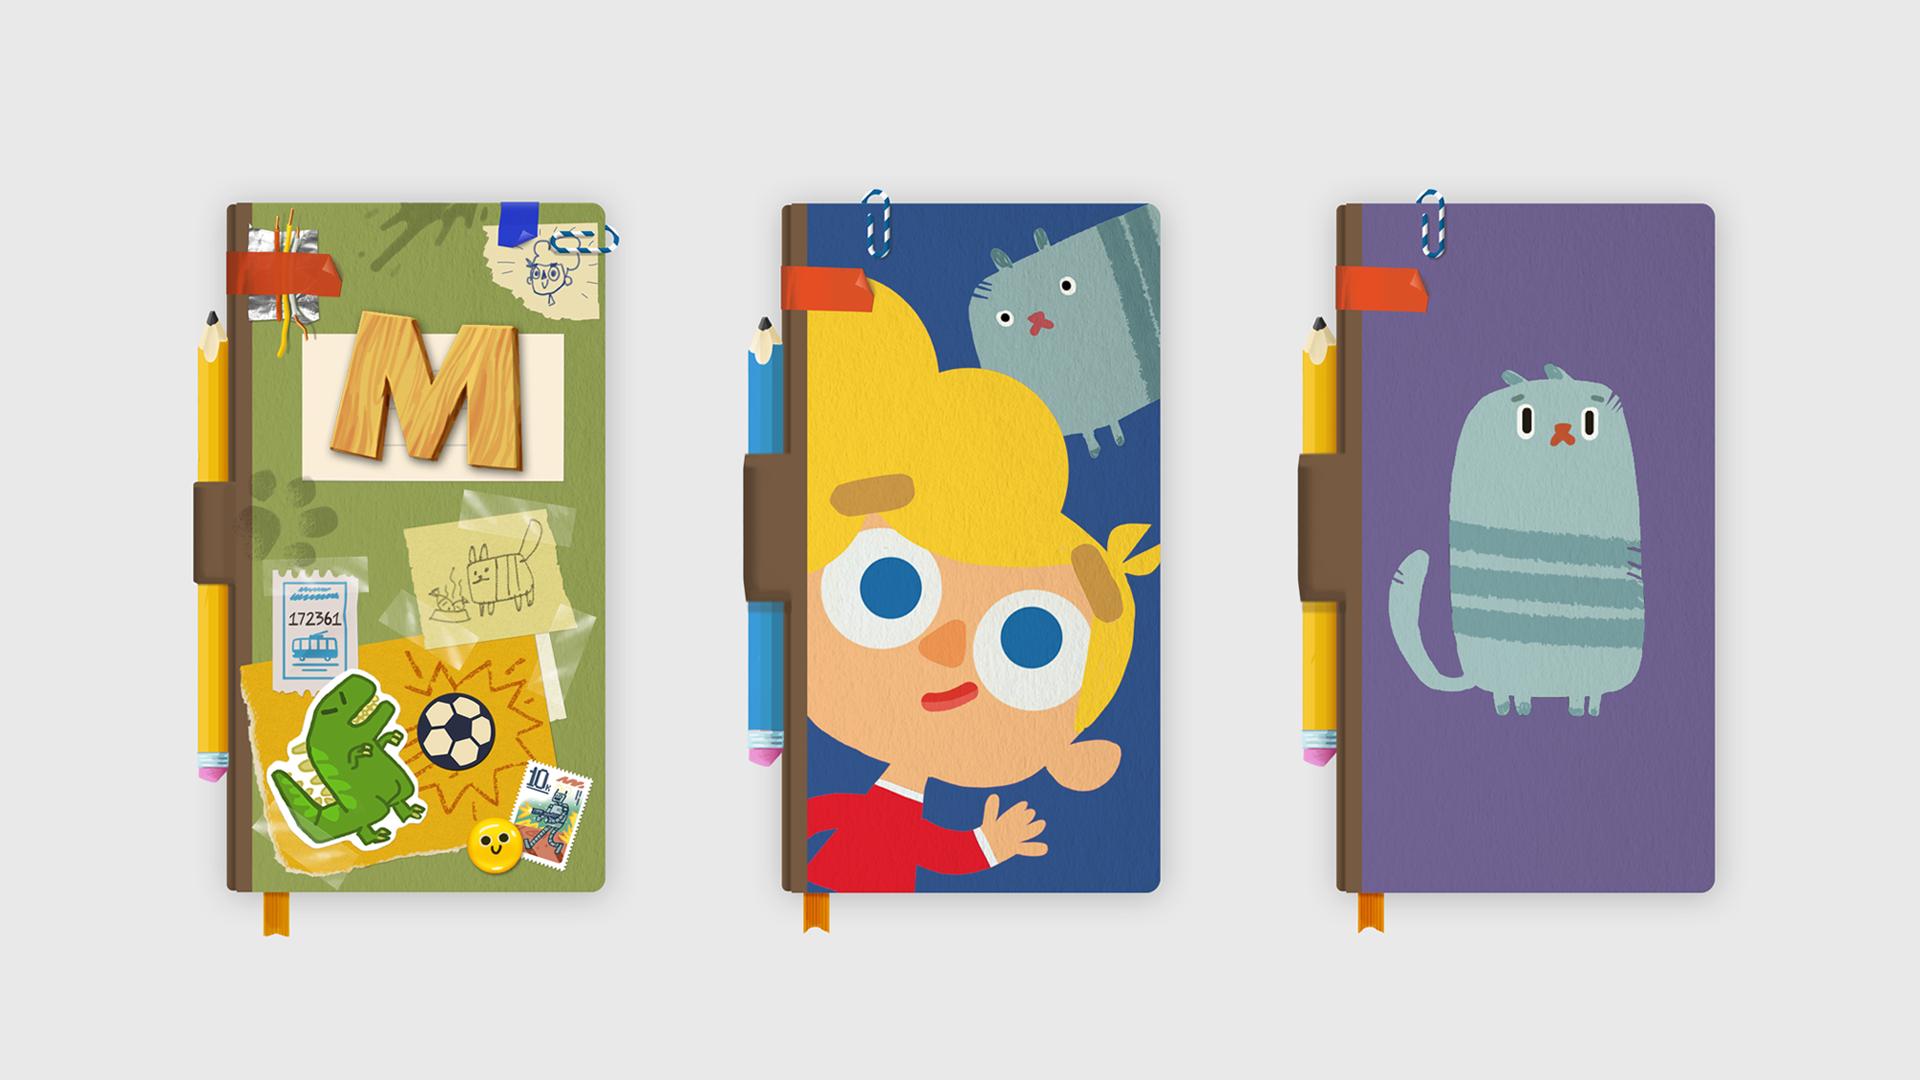 Варианты дизайна блокнота, внутри которого происходят приключения Кошки бяки иХорошего мальчика